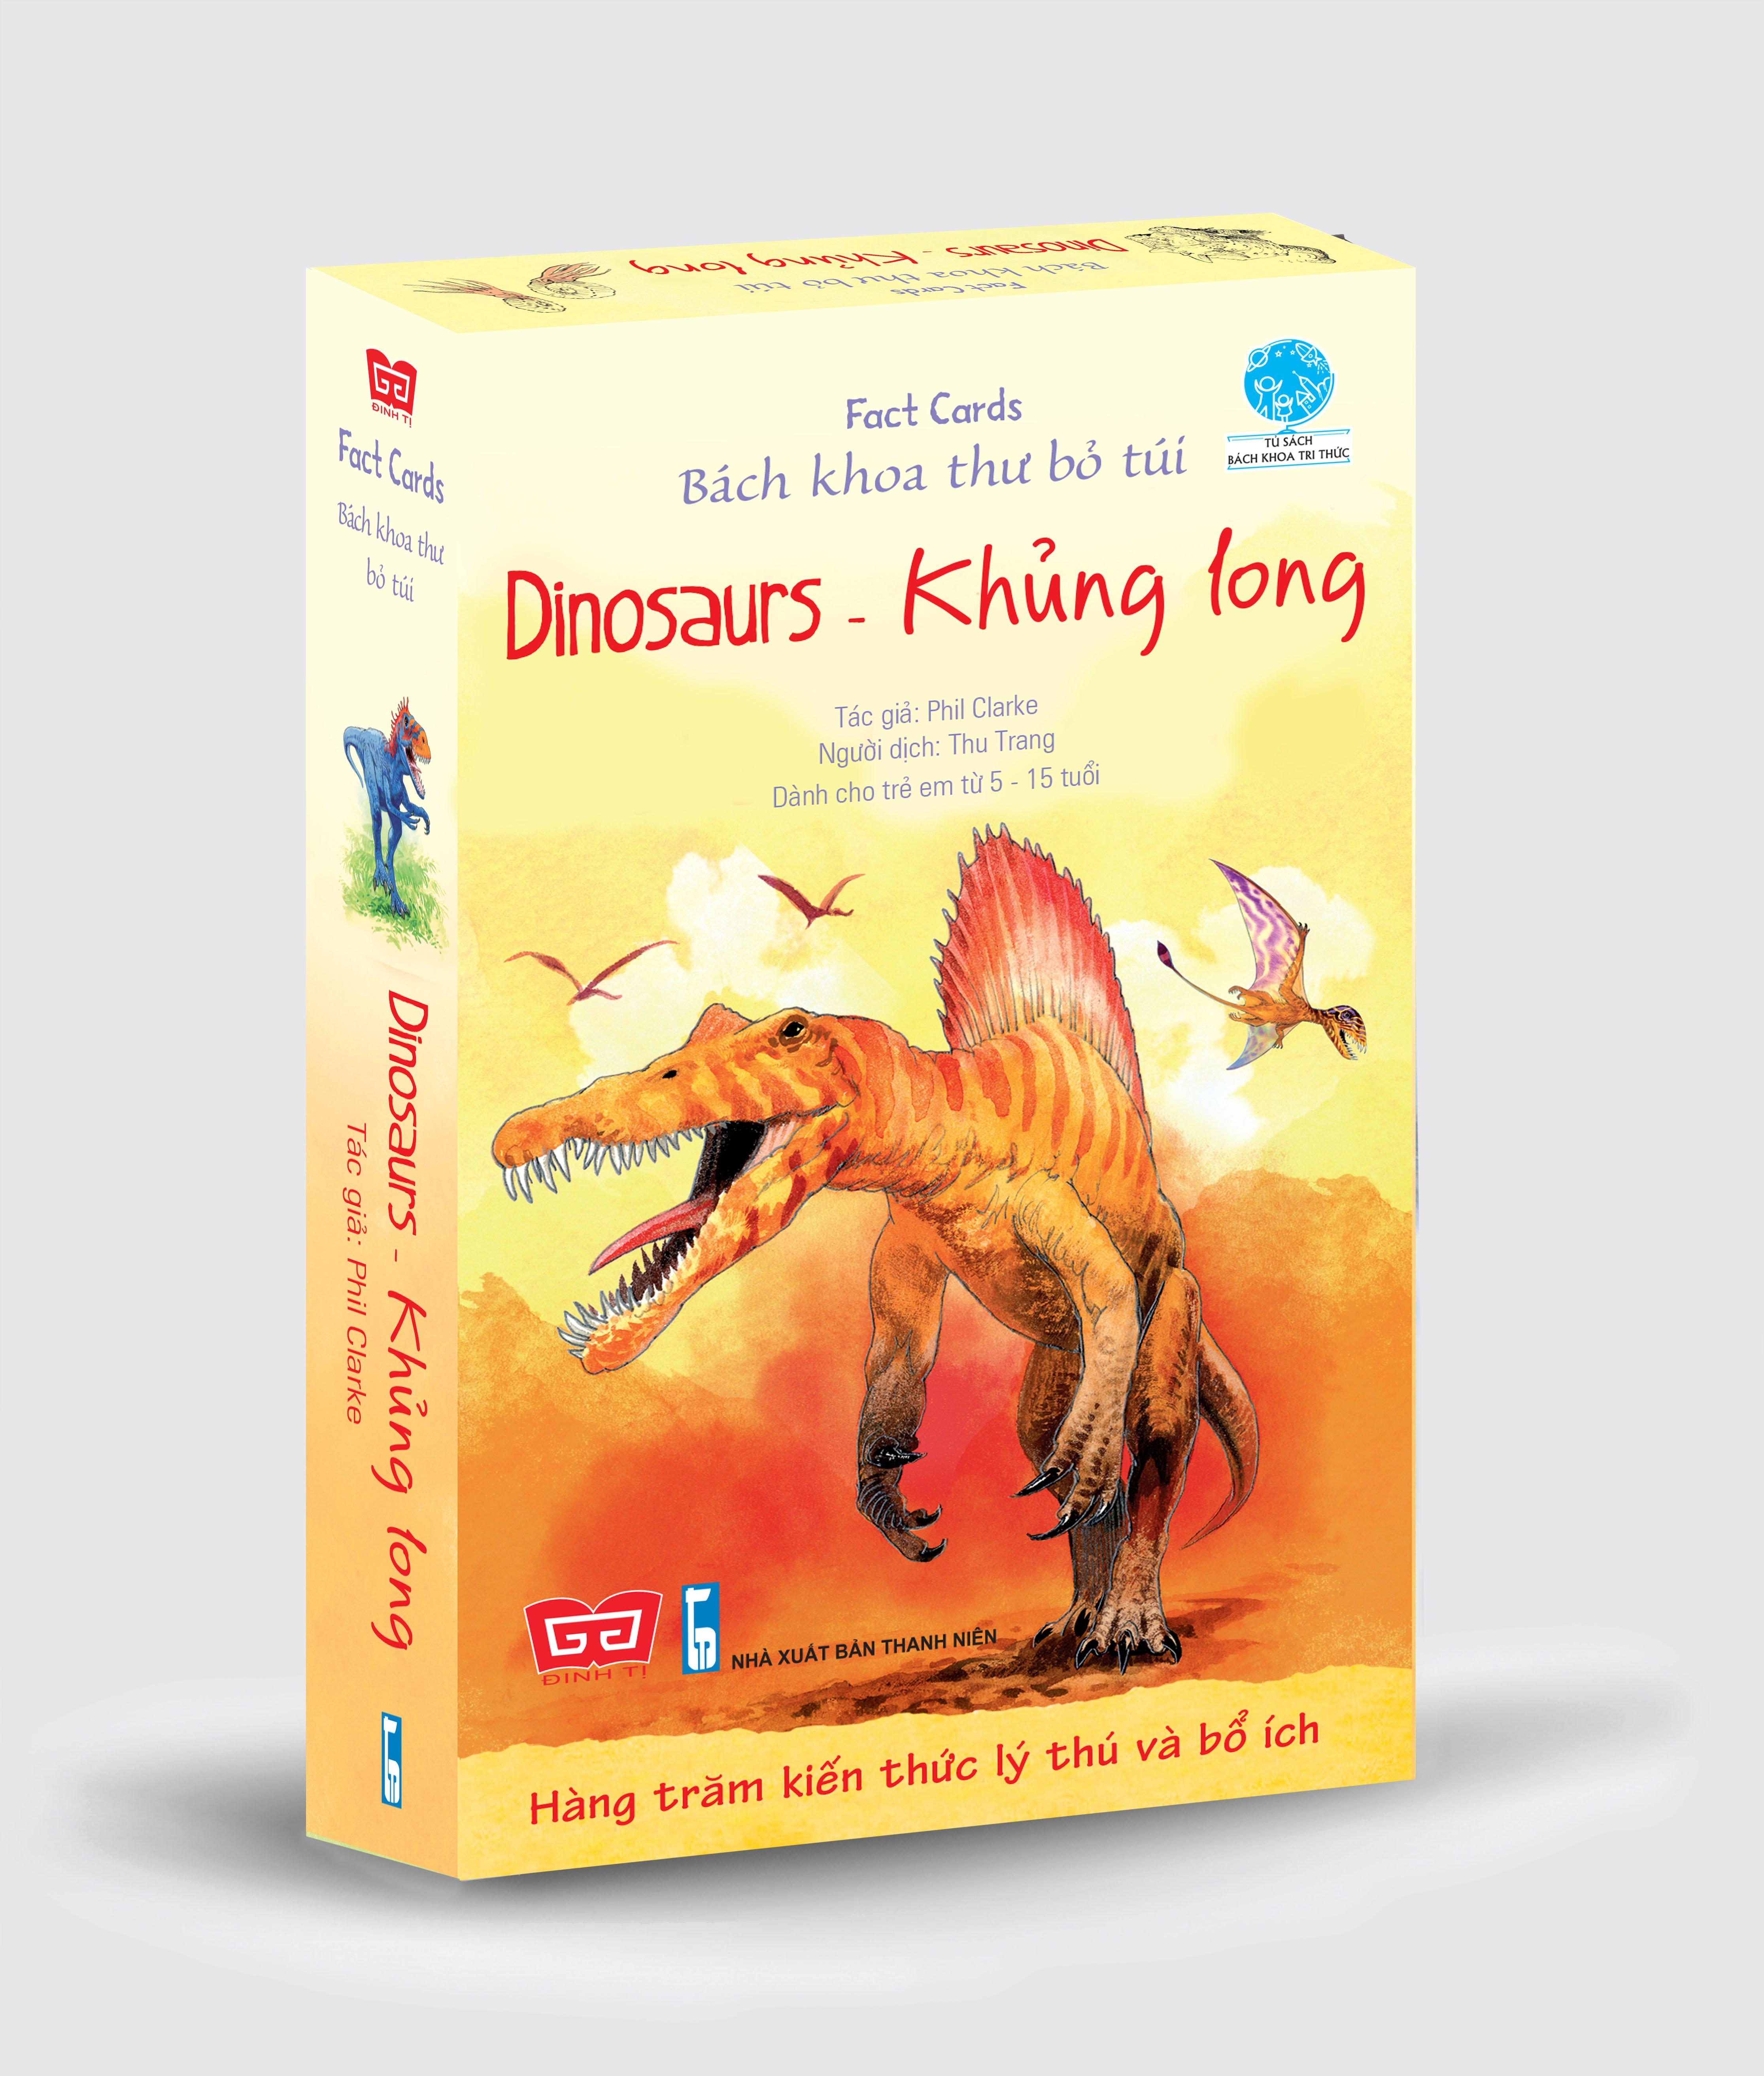 Fact cards - Bách khoa thư bỏ túi - Dinosaurs - Khủng long